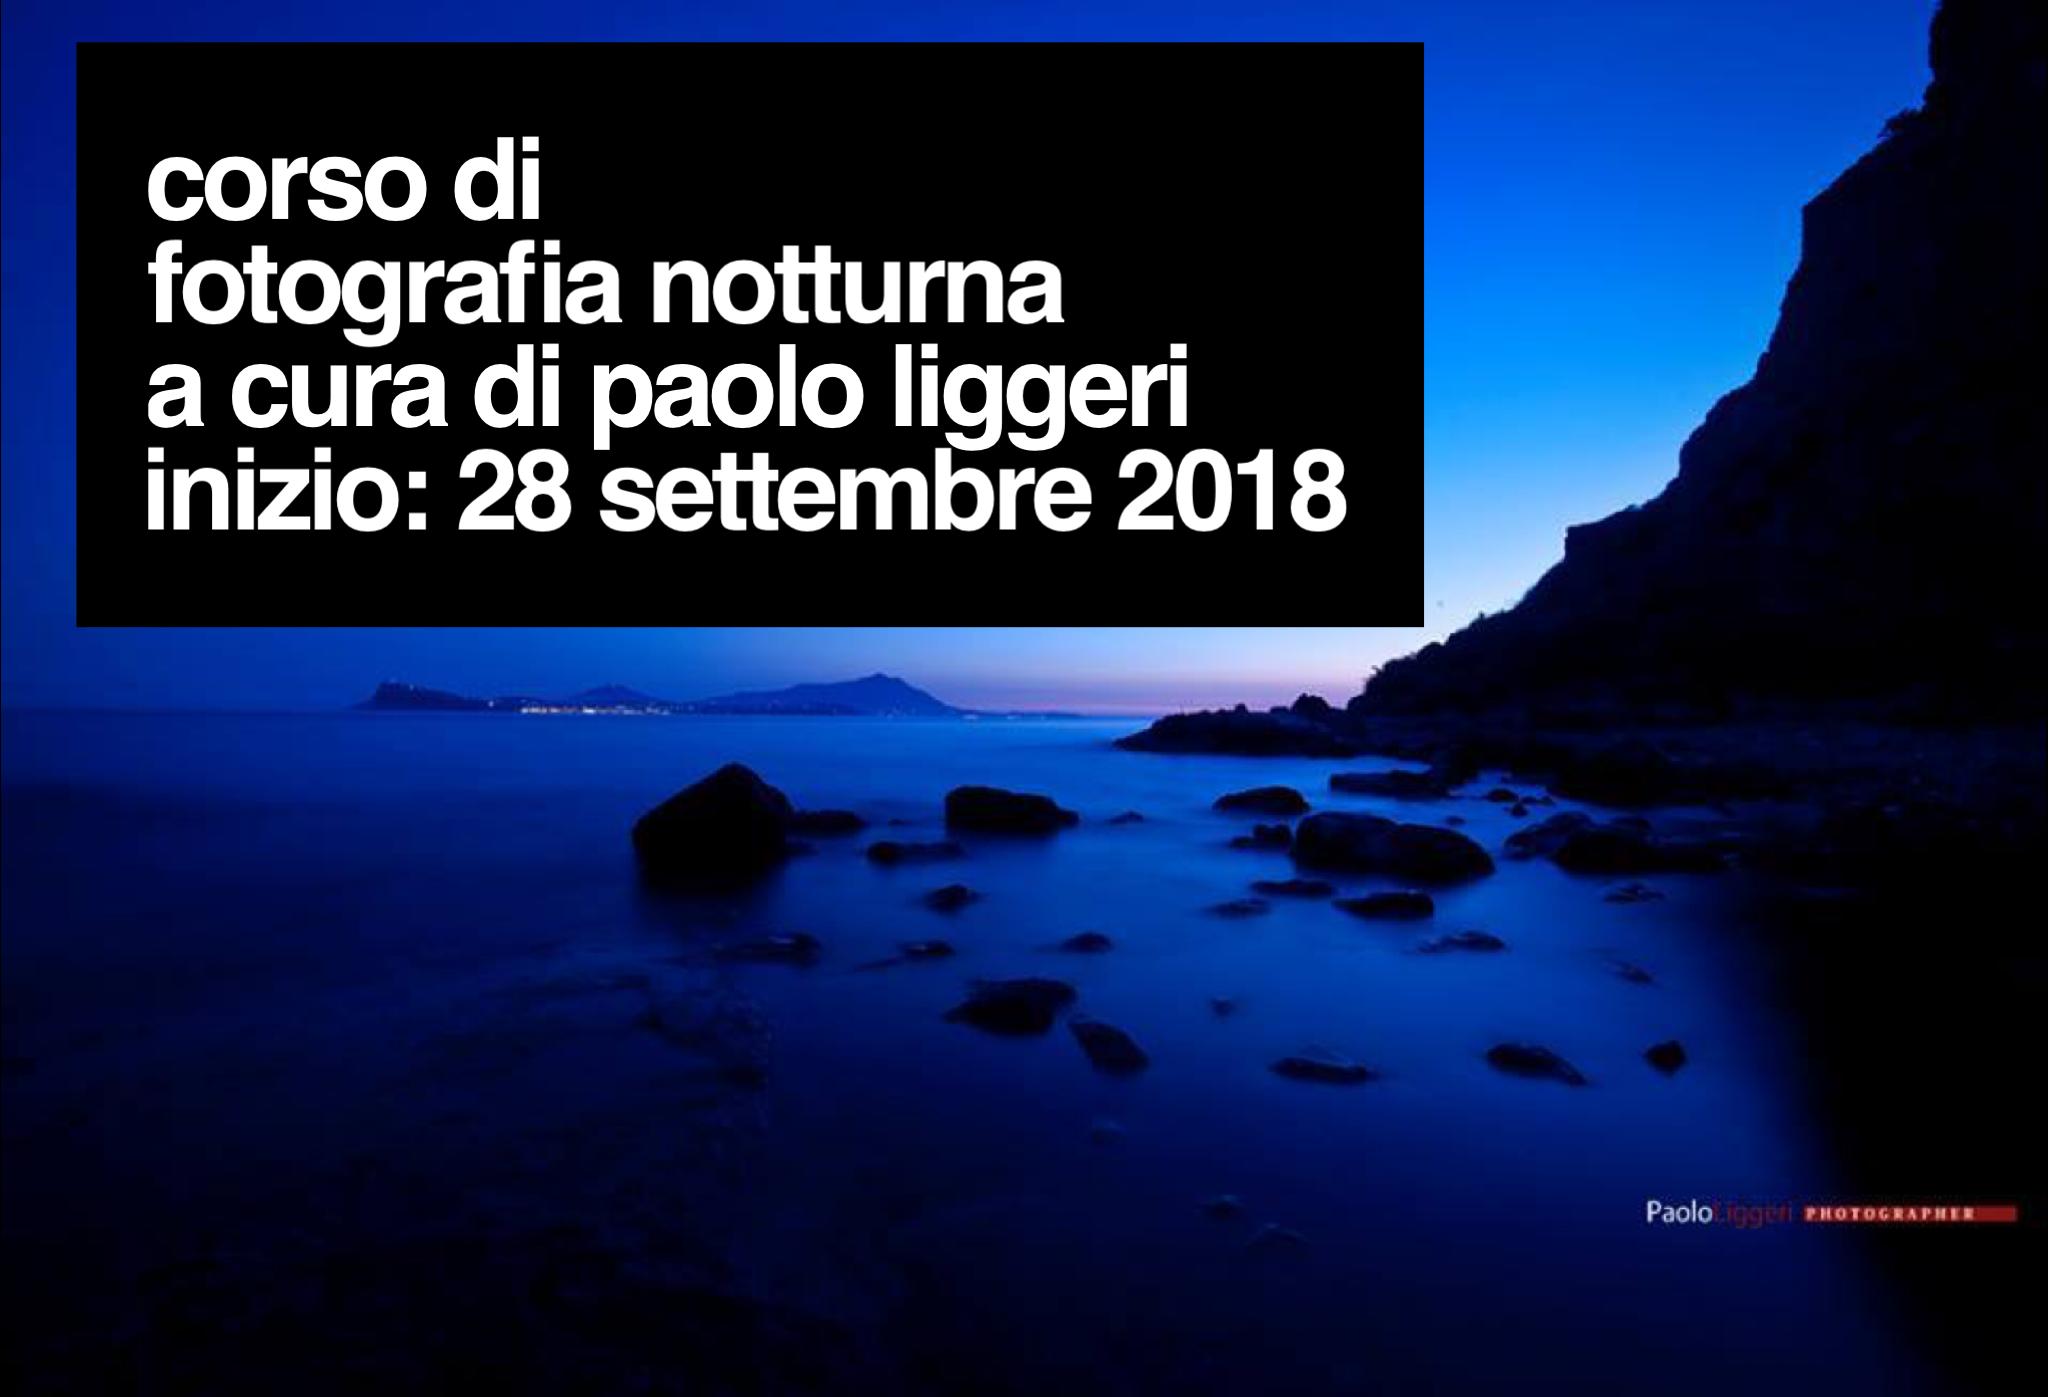 Corso di fotografia di notturna con Paolo Liggeri